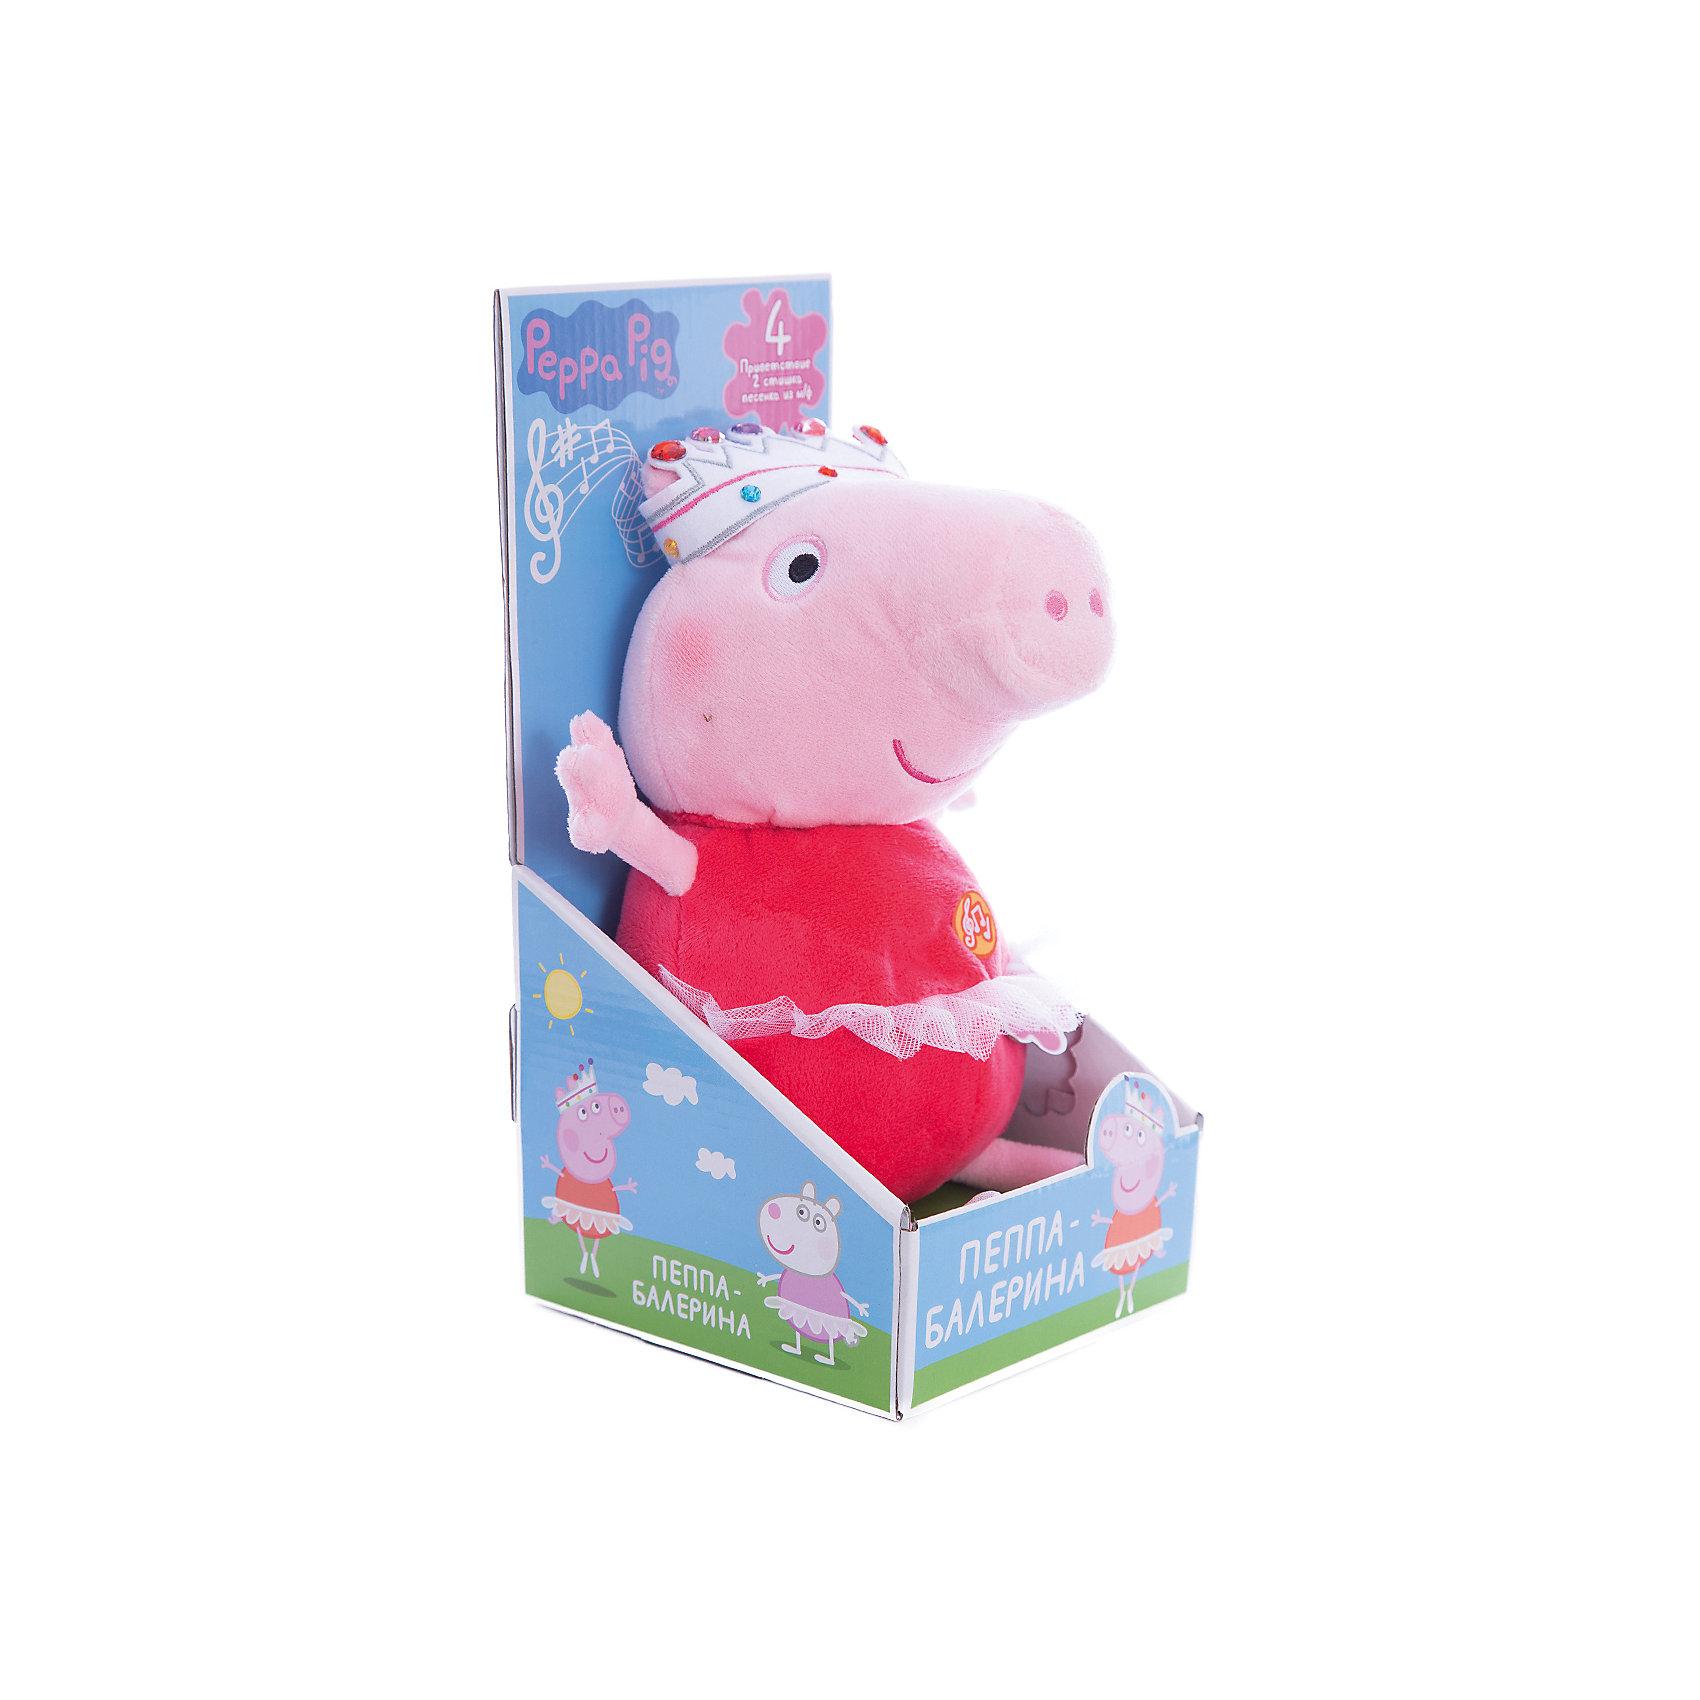 Мягкая игрушка Пеппа-балерина, 30 см, со звукомКрасивая мягкая игрушка в виде Свинки Пеппы из одноименного мультфильма в очаровательной пачке и яркой короне – это замечательный подарок малютке к любому празднику. Обнимать ее – одно удовольствие, ведь она большая и необыкновенно мягкая и приятная на ощупь. Нажмите на животик, чтобы услышать музыкальное приветствие, 2 забавных стишка и веселую песенку из мультфильма. Увлекательная игра с новой подругой активно развивает у малыша воображение, тактильное восприятие и коммуникативные навыки. А если приобрести другие игрушки из серии «Peppa Pig», то ваш ребенок сможет оживить приключения любимых персонажей прямо у вас дома!&#13;<br><br>Дополнительная информация:<br><br>Мягкая озвученная игрушка «Пеппа-балерина» «Peppa Pig» имеет высоту 30 см (размер указан с ножками), изготовлена из мягкой, приятной на ощупь велюровой ткани, плотно набита. <br>Глаза и рот вышиты. <br>Игрушка работает от 5 батареек типа AG13 или LR44. <br>Упаковка – открытая подарочная коробка 29,2х14,2х13,7 см.<br><br>Мягкую игрушку Пеппа-балерина, 30 см, со звуком можно купить в нашем магазине.<br><br>Ширина мм: 295<br>Глубина мм: 140<br>Высота мм: 140<br>Вес г: 309<br>Возраст от месяцев: 36<br>Возраст до месяцев: 84<br>Пол: Унисекс<br>Возраст: Детский<br>SKU: 4623381